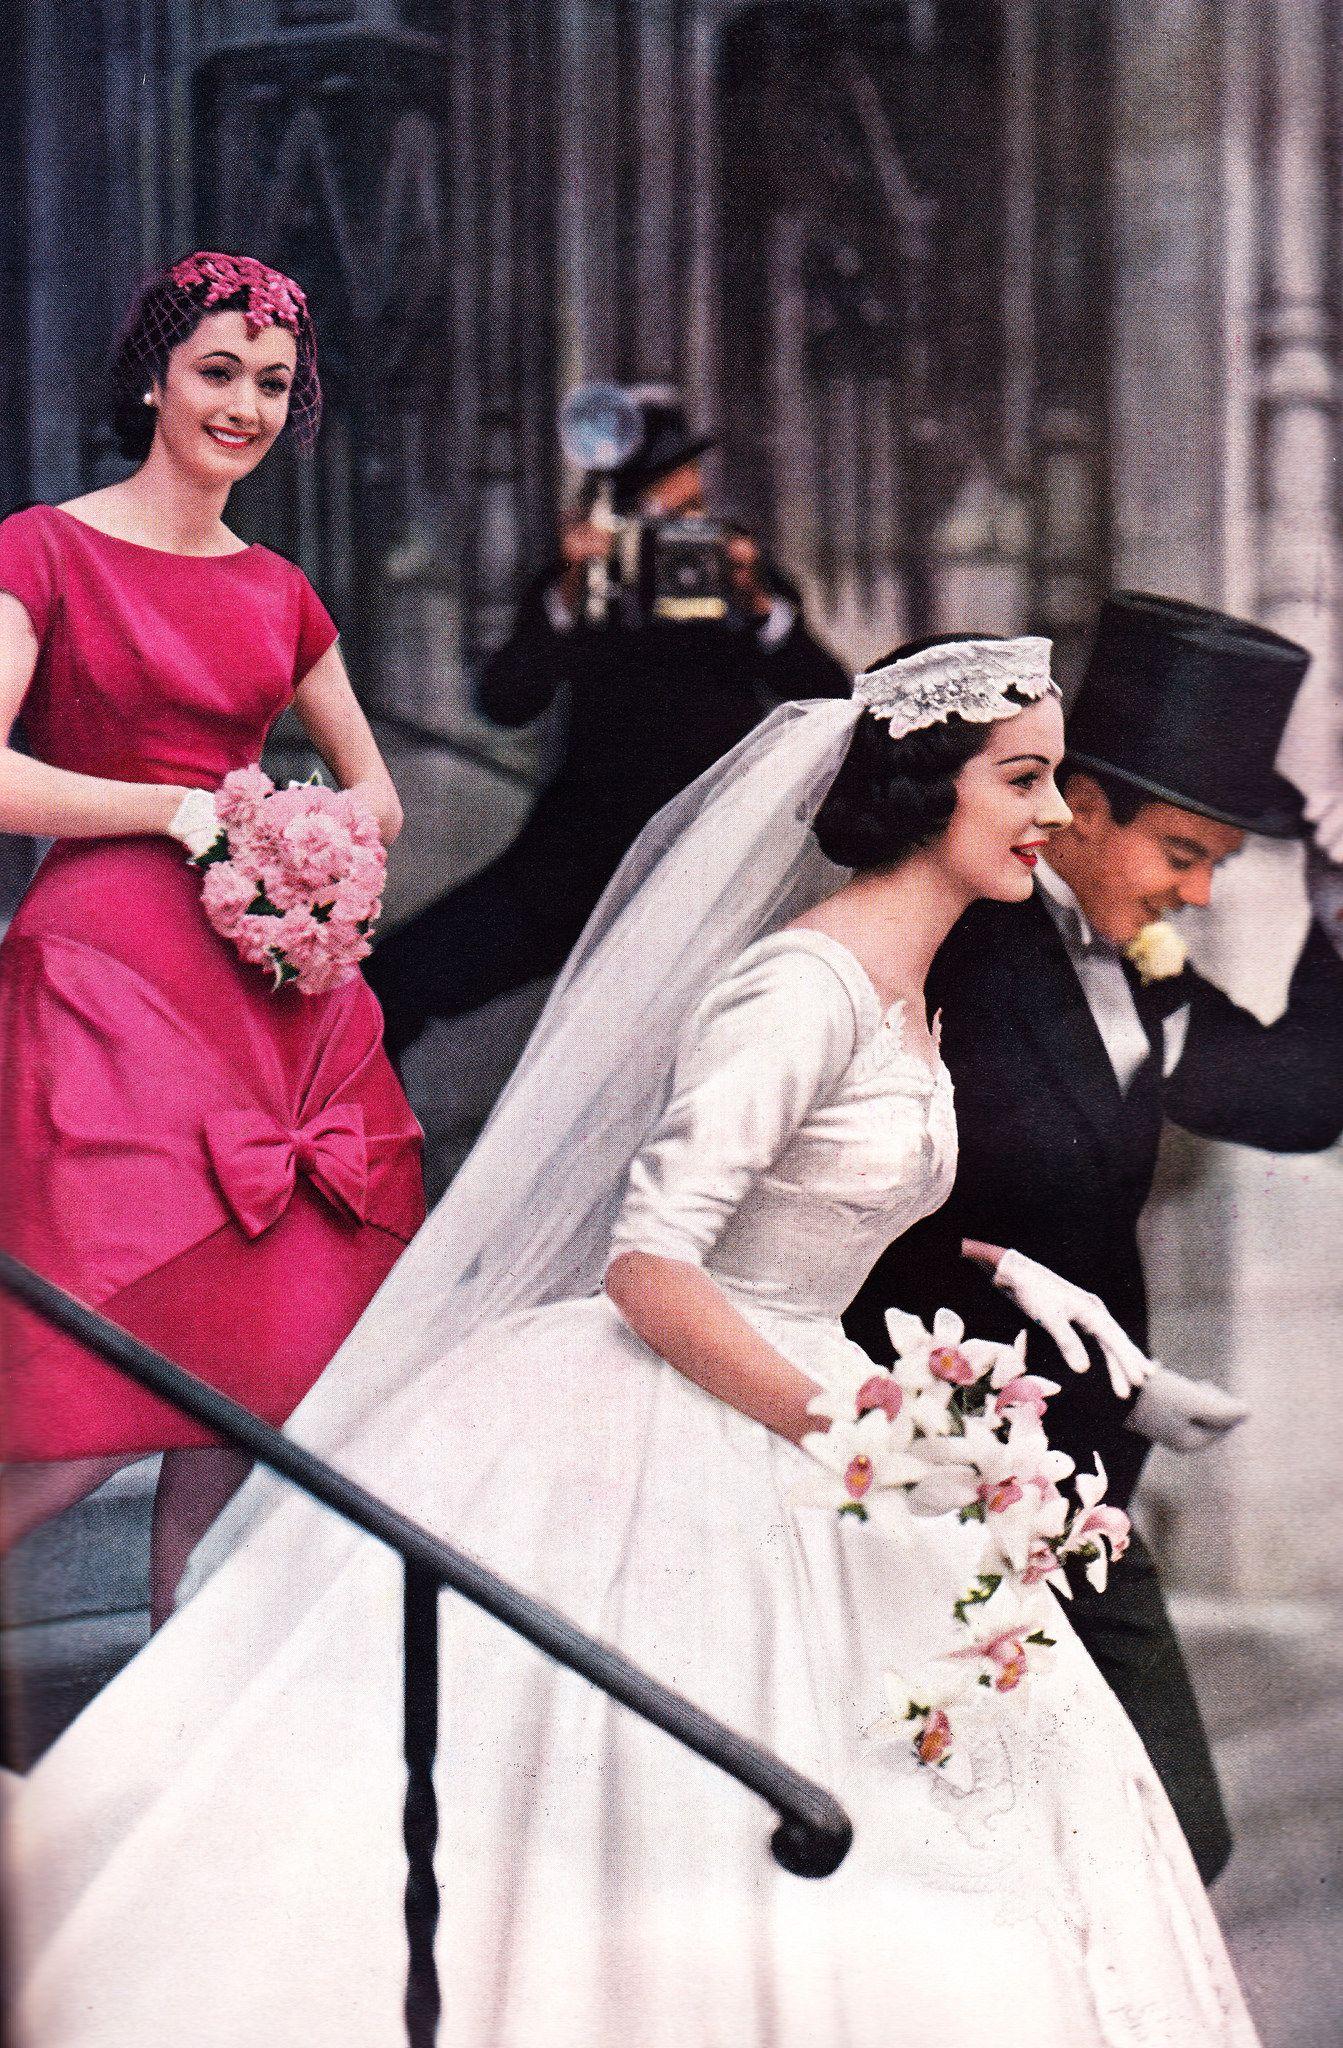 Brideus magazine magazines vintage weddings and vintage